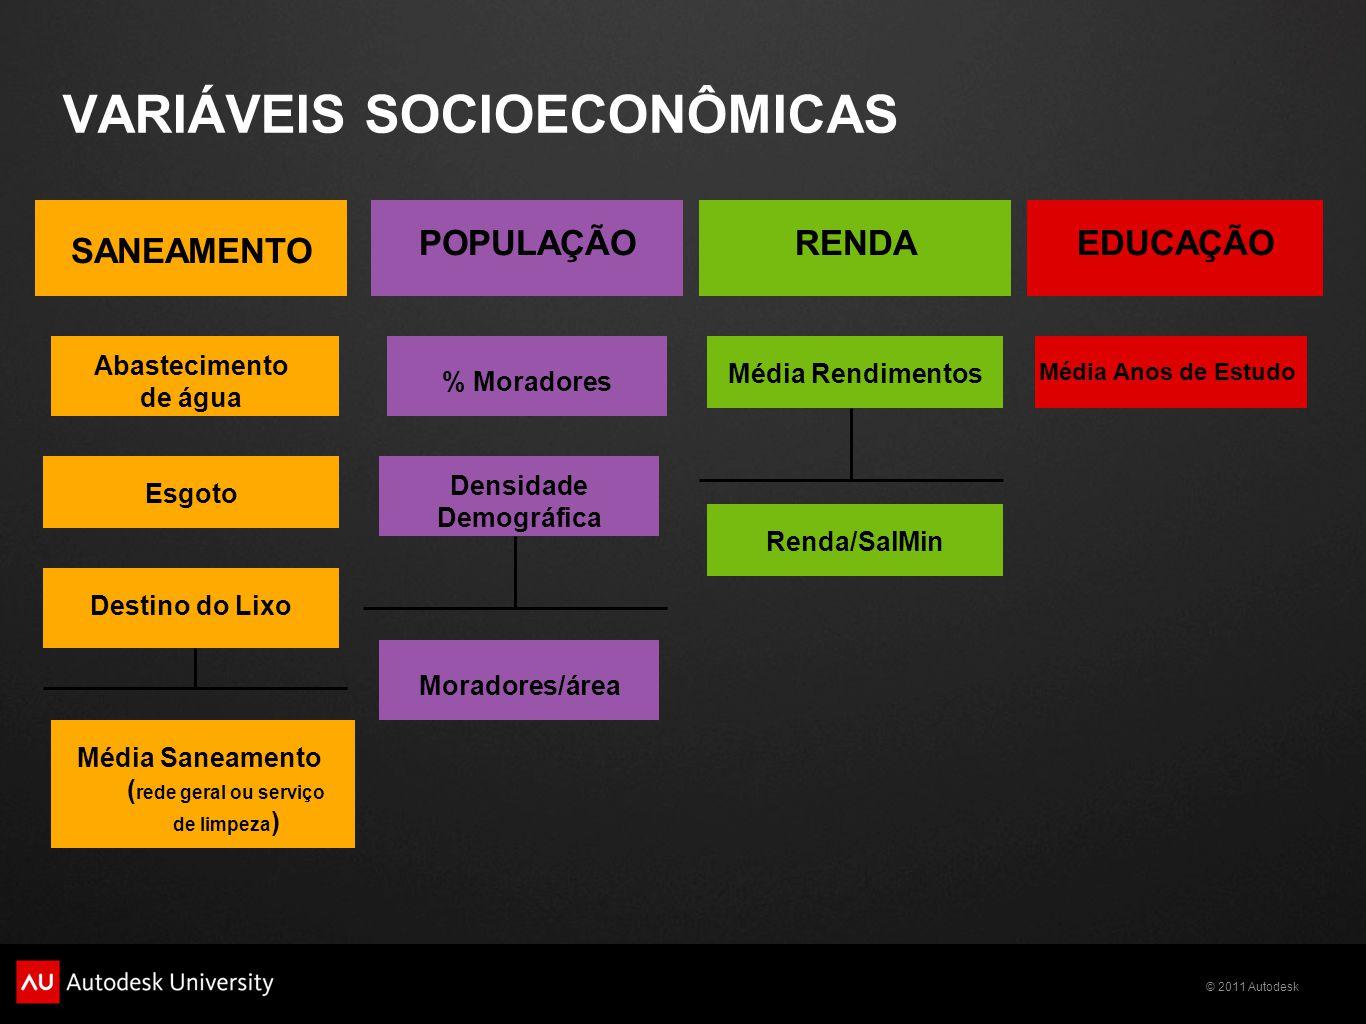 VARIÁVEIS SOCIOECONÔMICAS